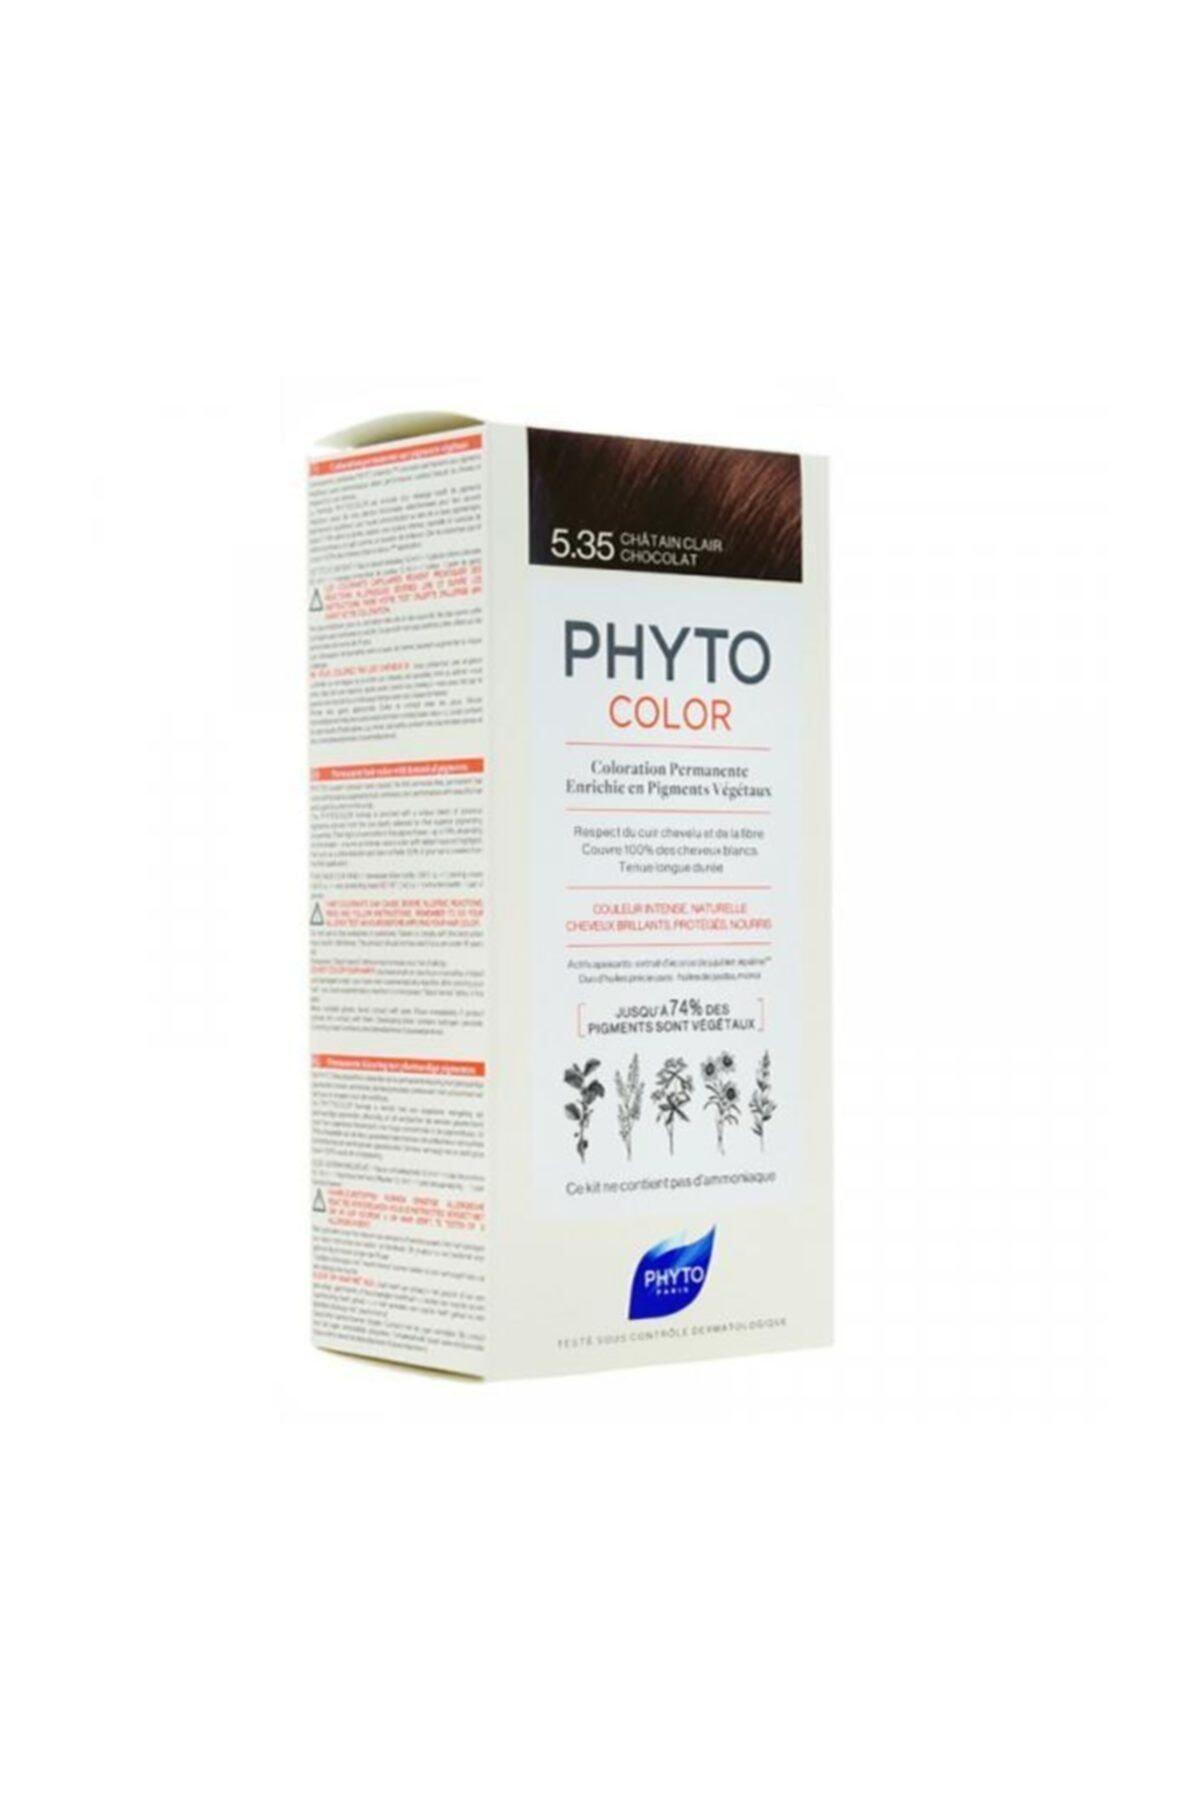 Phyto Color 5.35 - Açık Kestane Dore Akaju (Bitkisel Saç Boyası) - 1